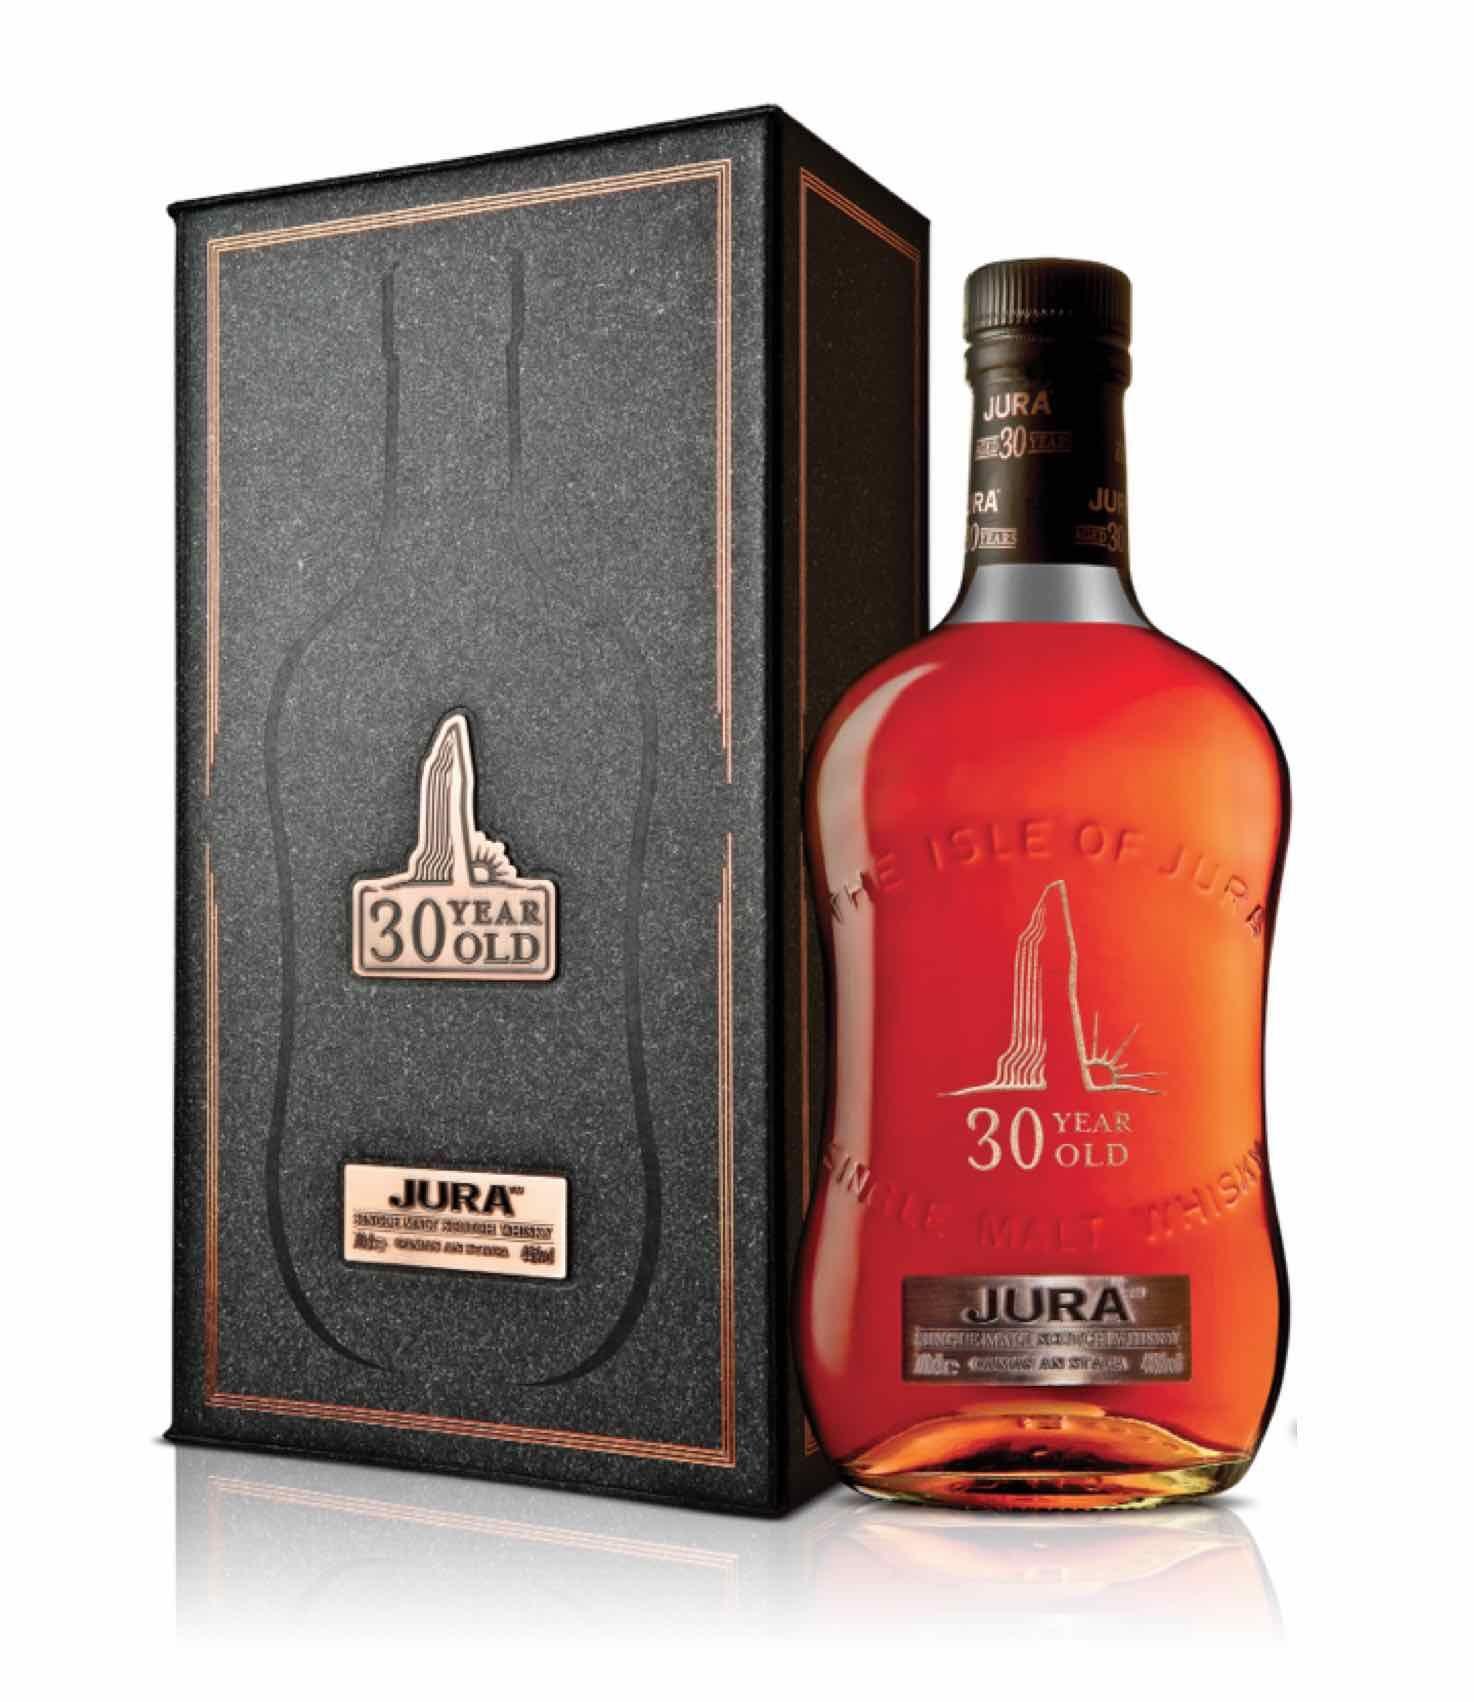 Jura 30 Year Single Malt Whisky Jura Whisky Cigars And Whiskey